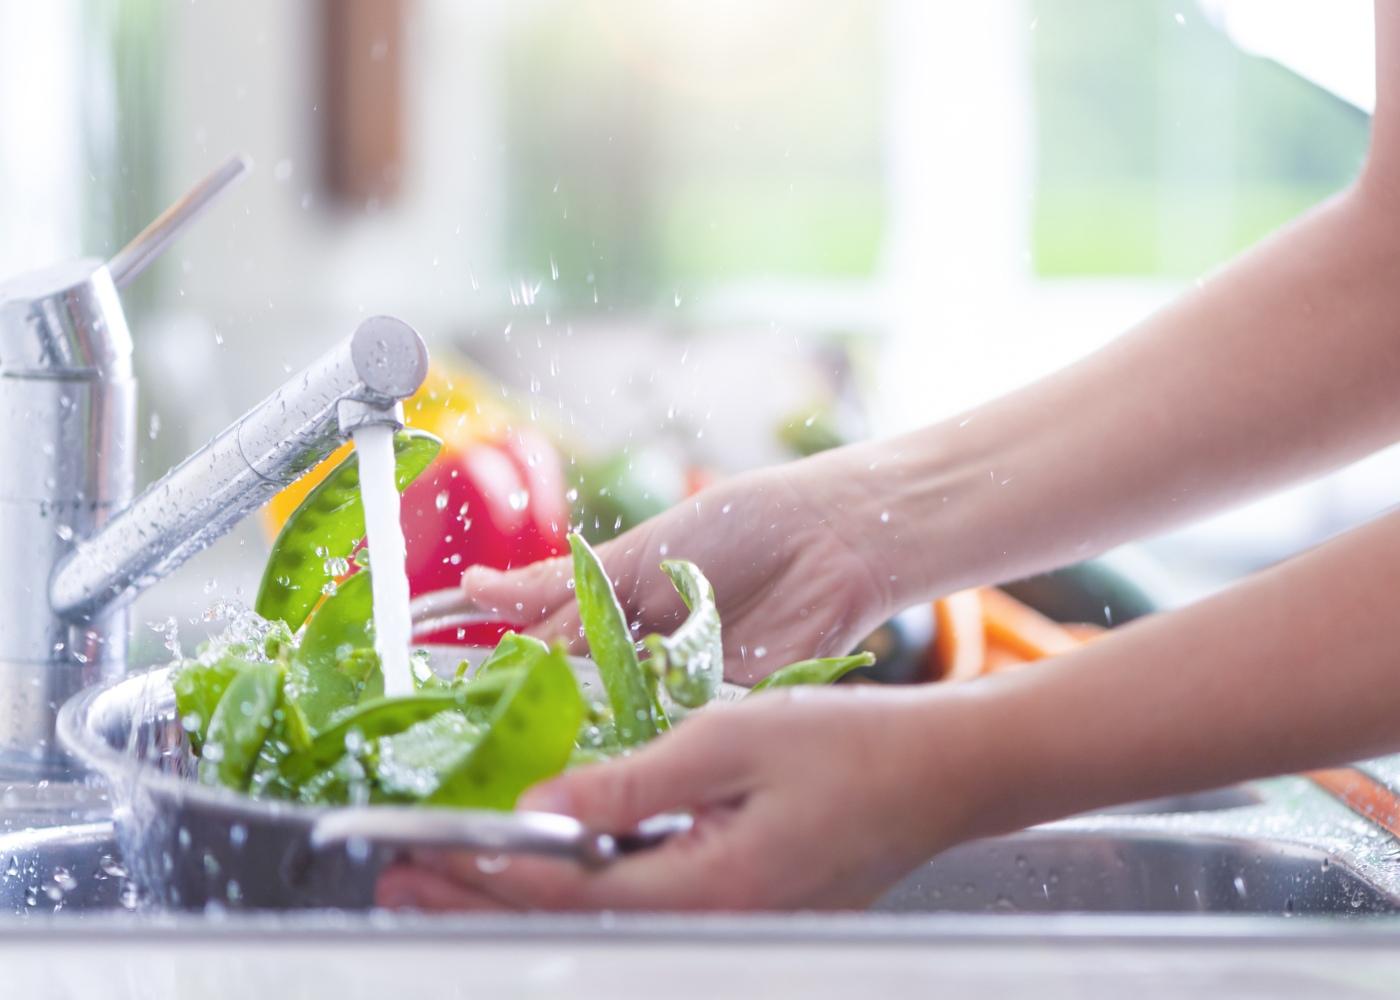 lavar legumes